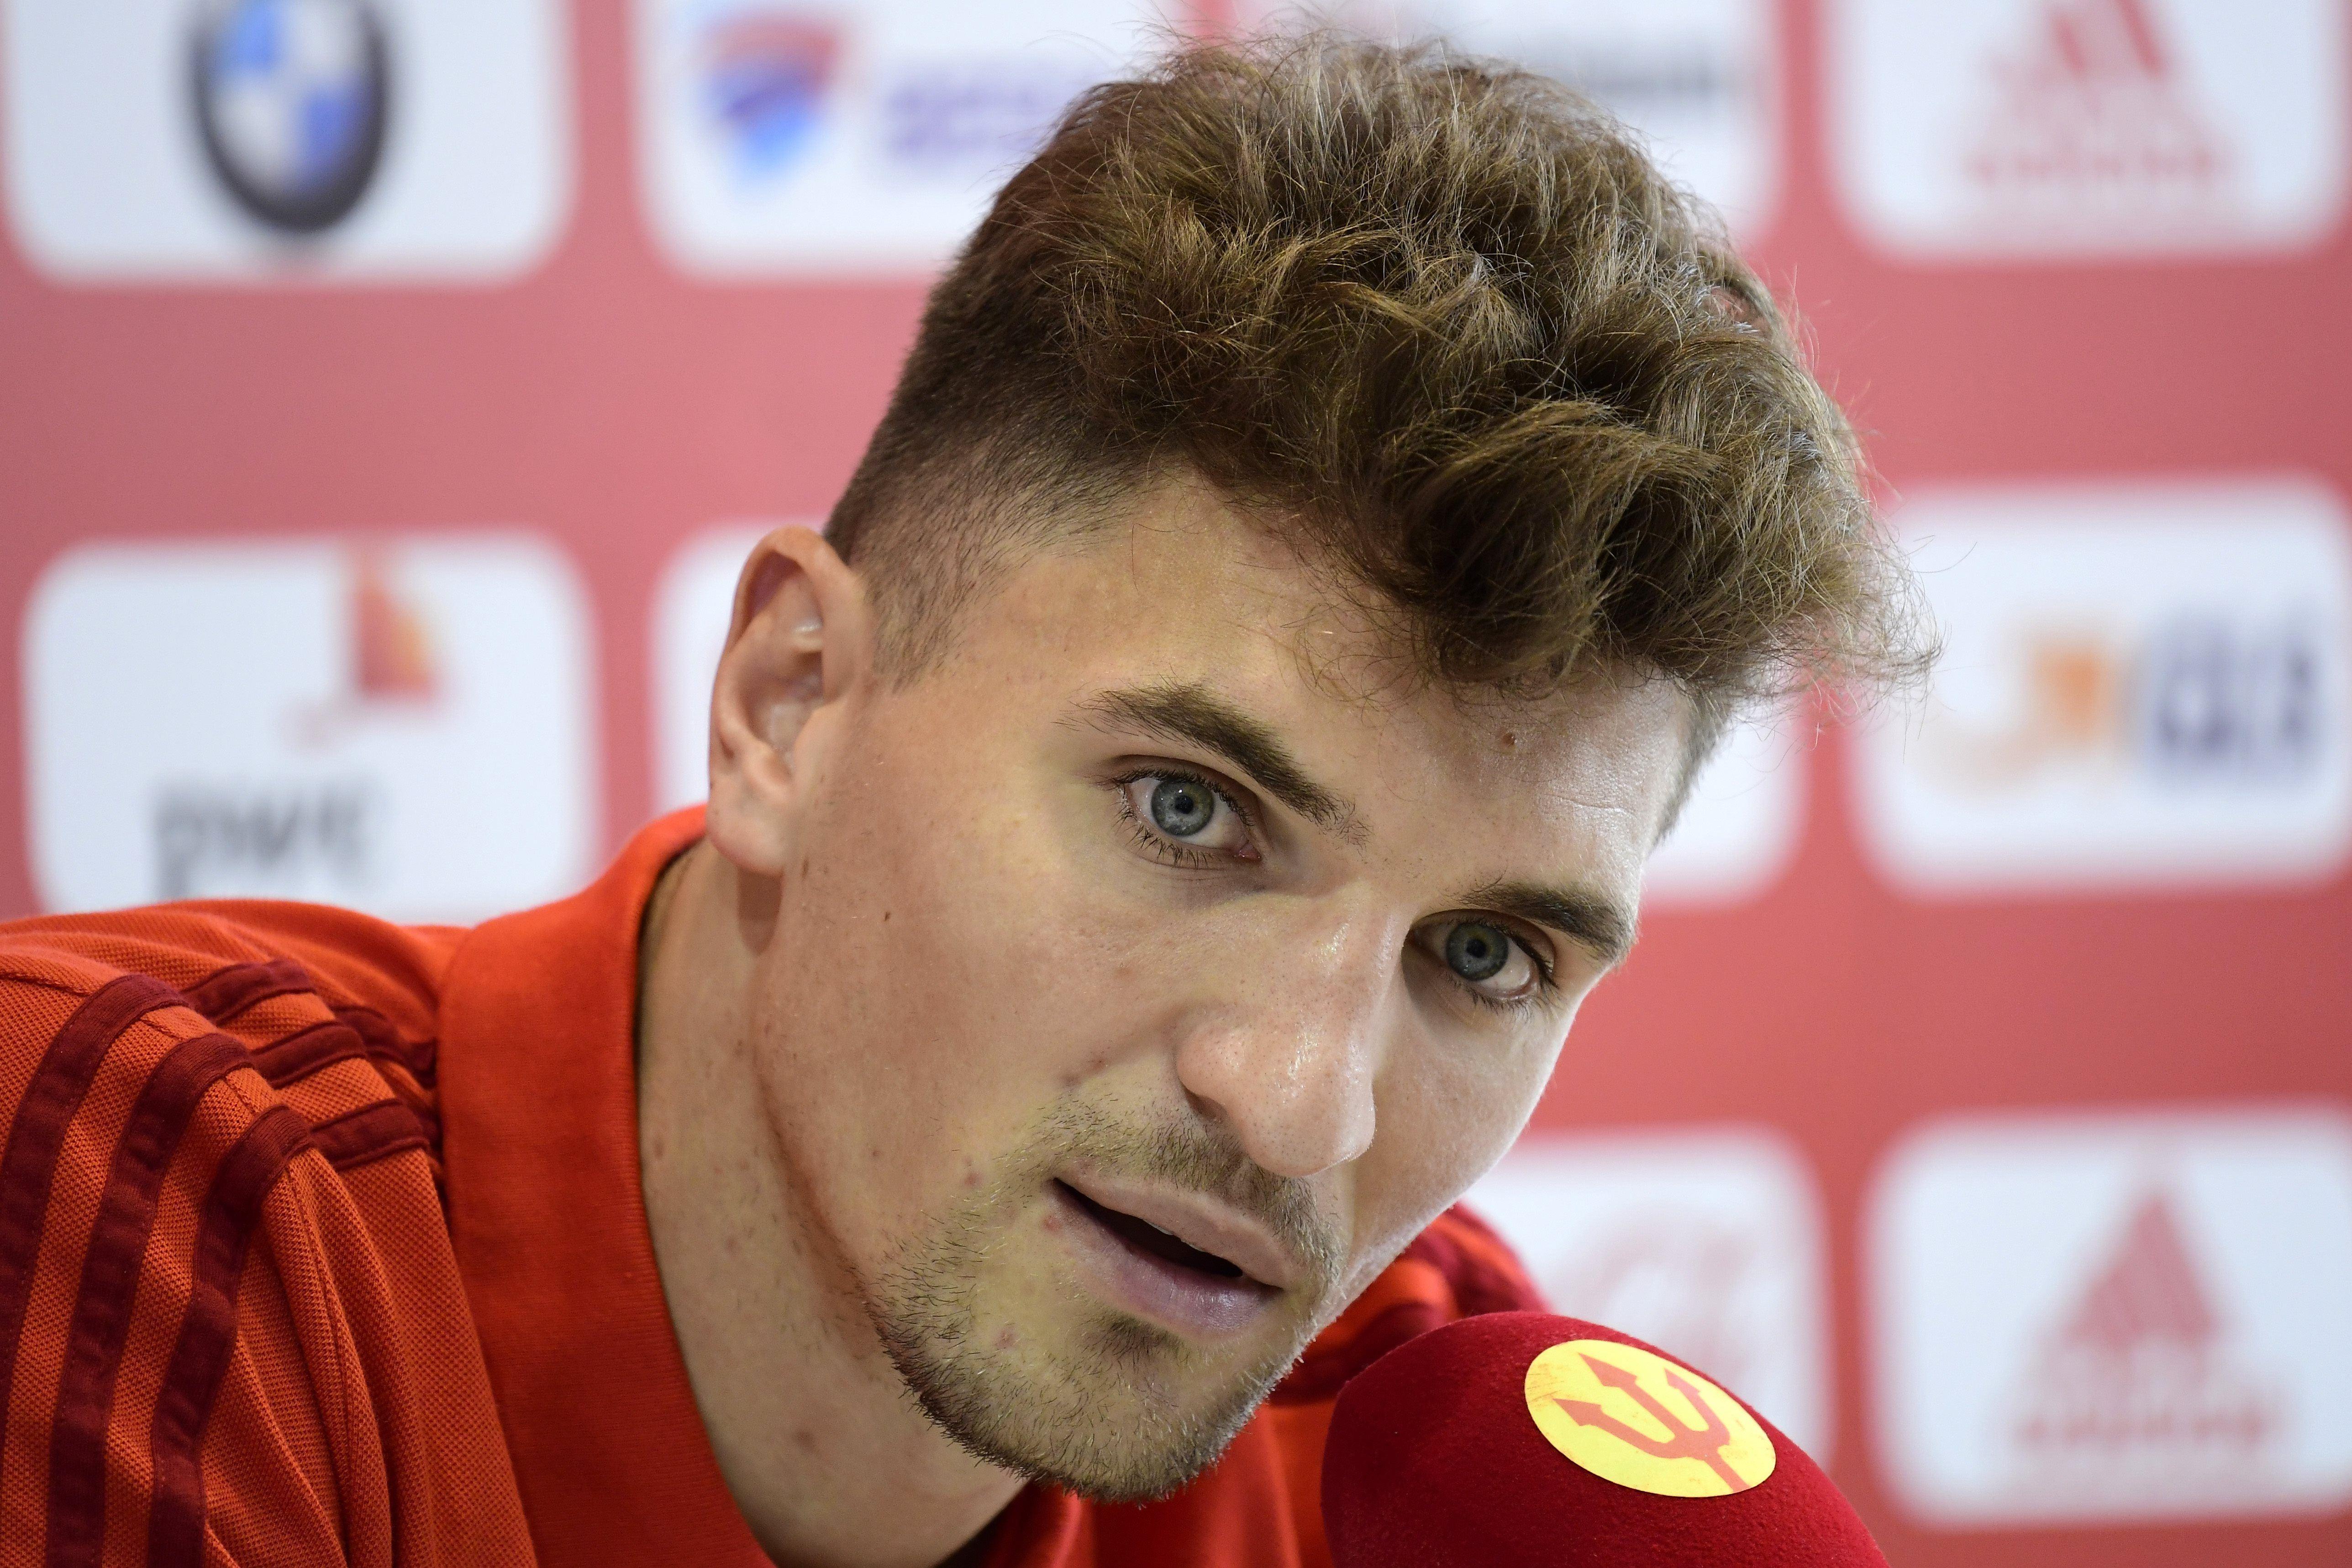 Football - Coupe du monde - Critiqué par Denis Brogniart, Thomas Meunier répond sèchement